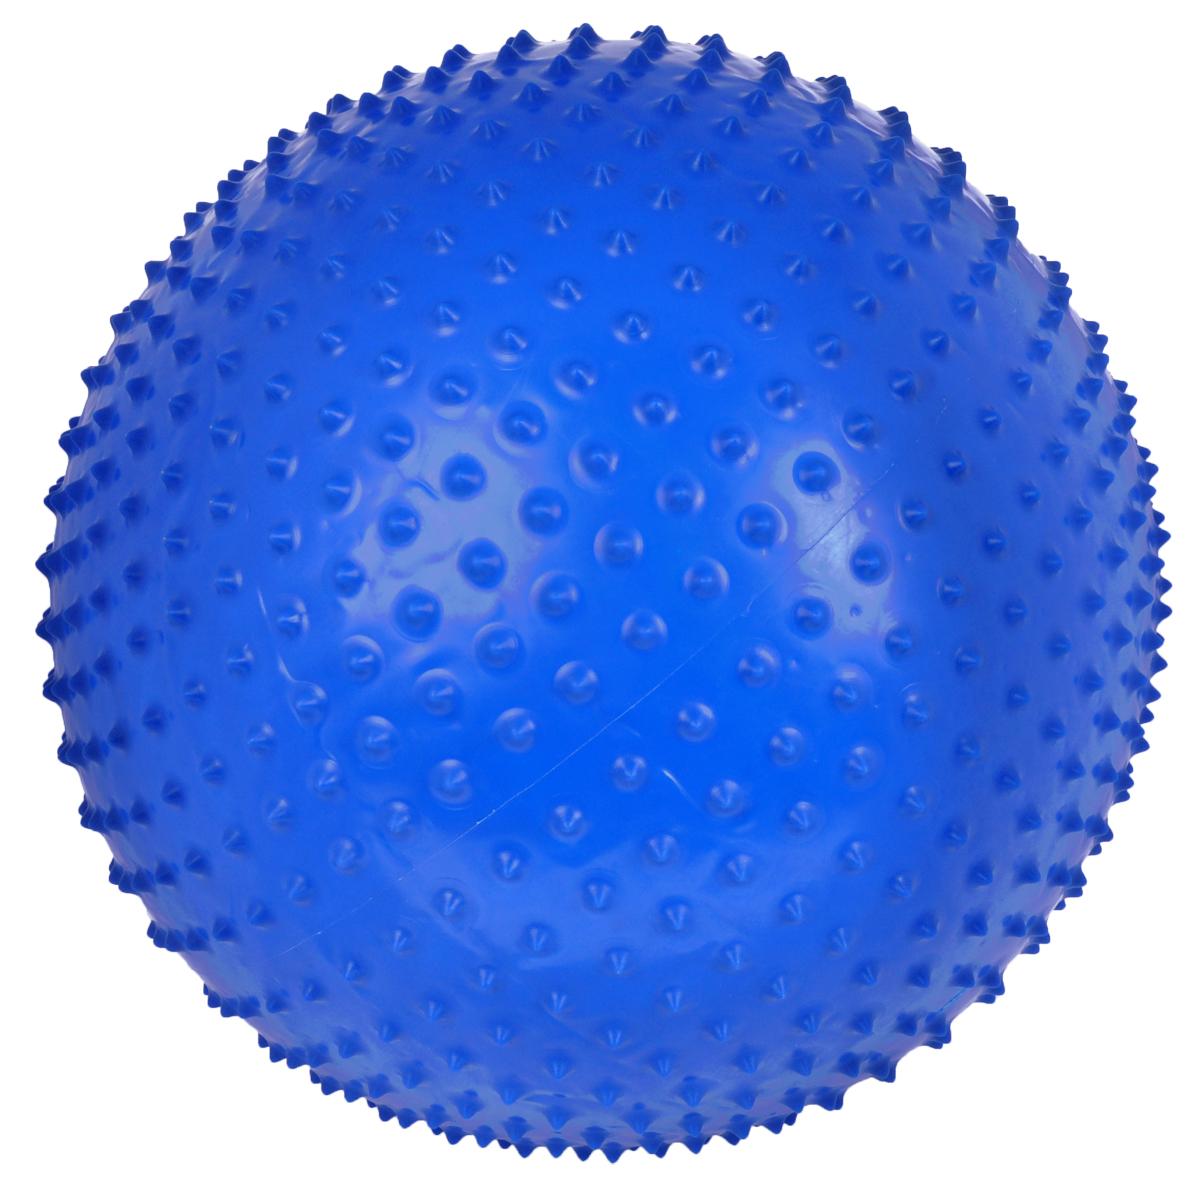 Фитбол Sport UP, с массажным эффектом, диаметр 65 смIR97404/65Фитбол Sport UP, изготовленный из полимерных материалов, идеально подходит для упражнений на растяжку, укрепляющих и тонизирующих упражнений. Благодаря легкому массажному эффекту улучшает циркуляцию крови.Не важно новичок вы или опытный спортсмен, фитбол позволяет повысить эффективность ваших тренировок.Насос в комплекте.Максимальный вес пользователя: 100 кг.Максимальная статическая нагрузка: 250 кг.